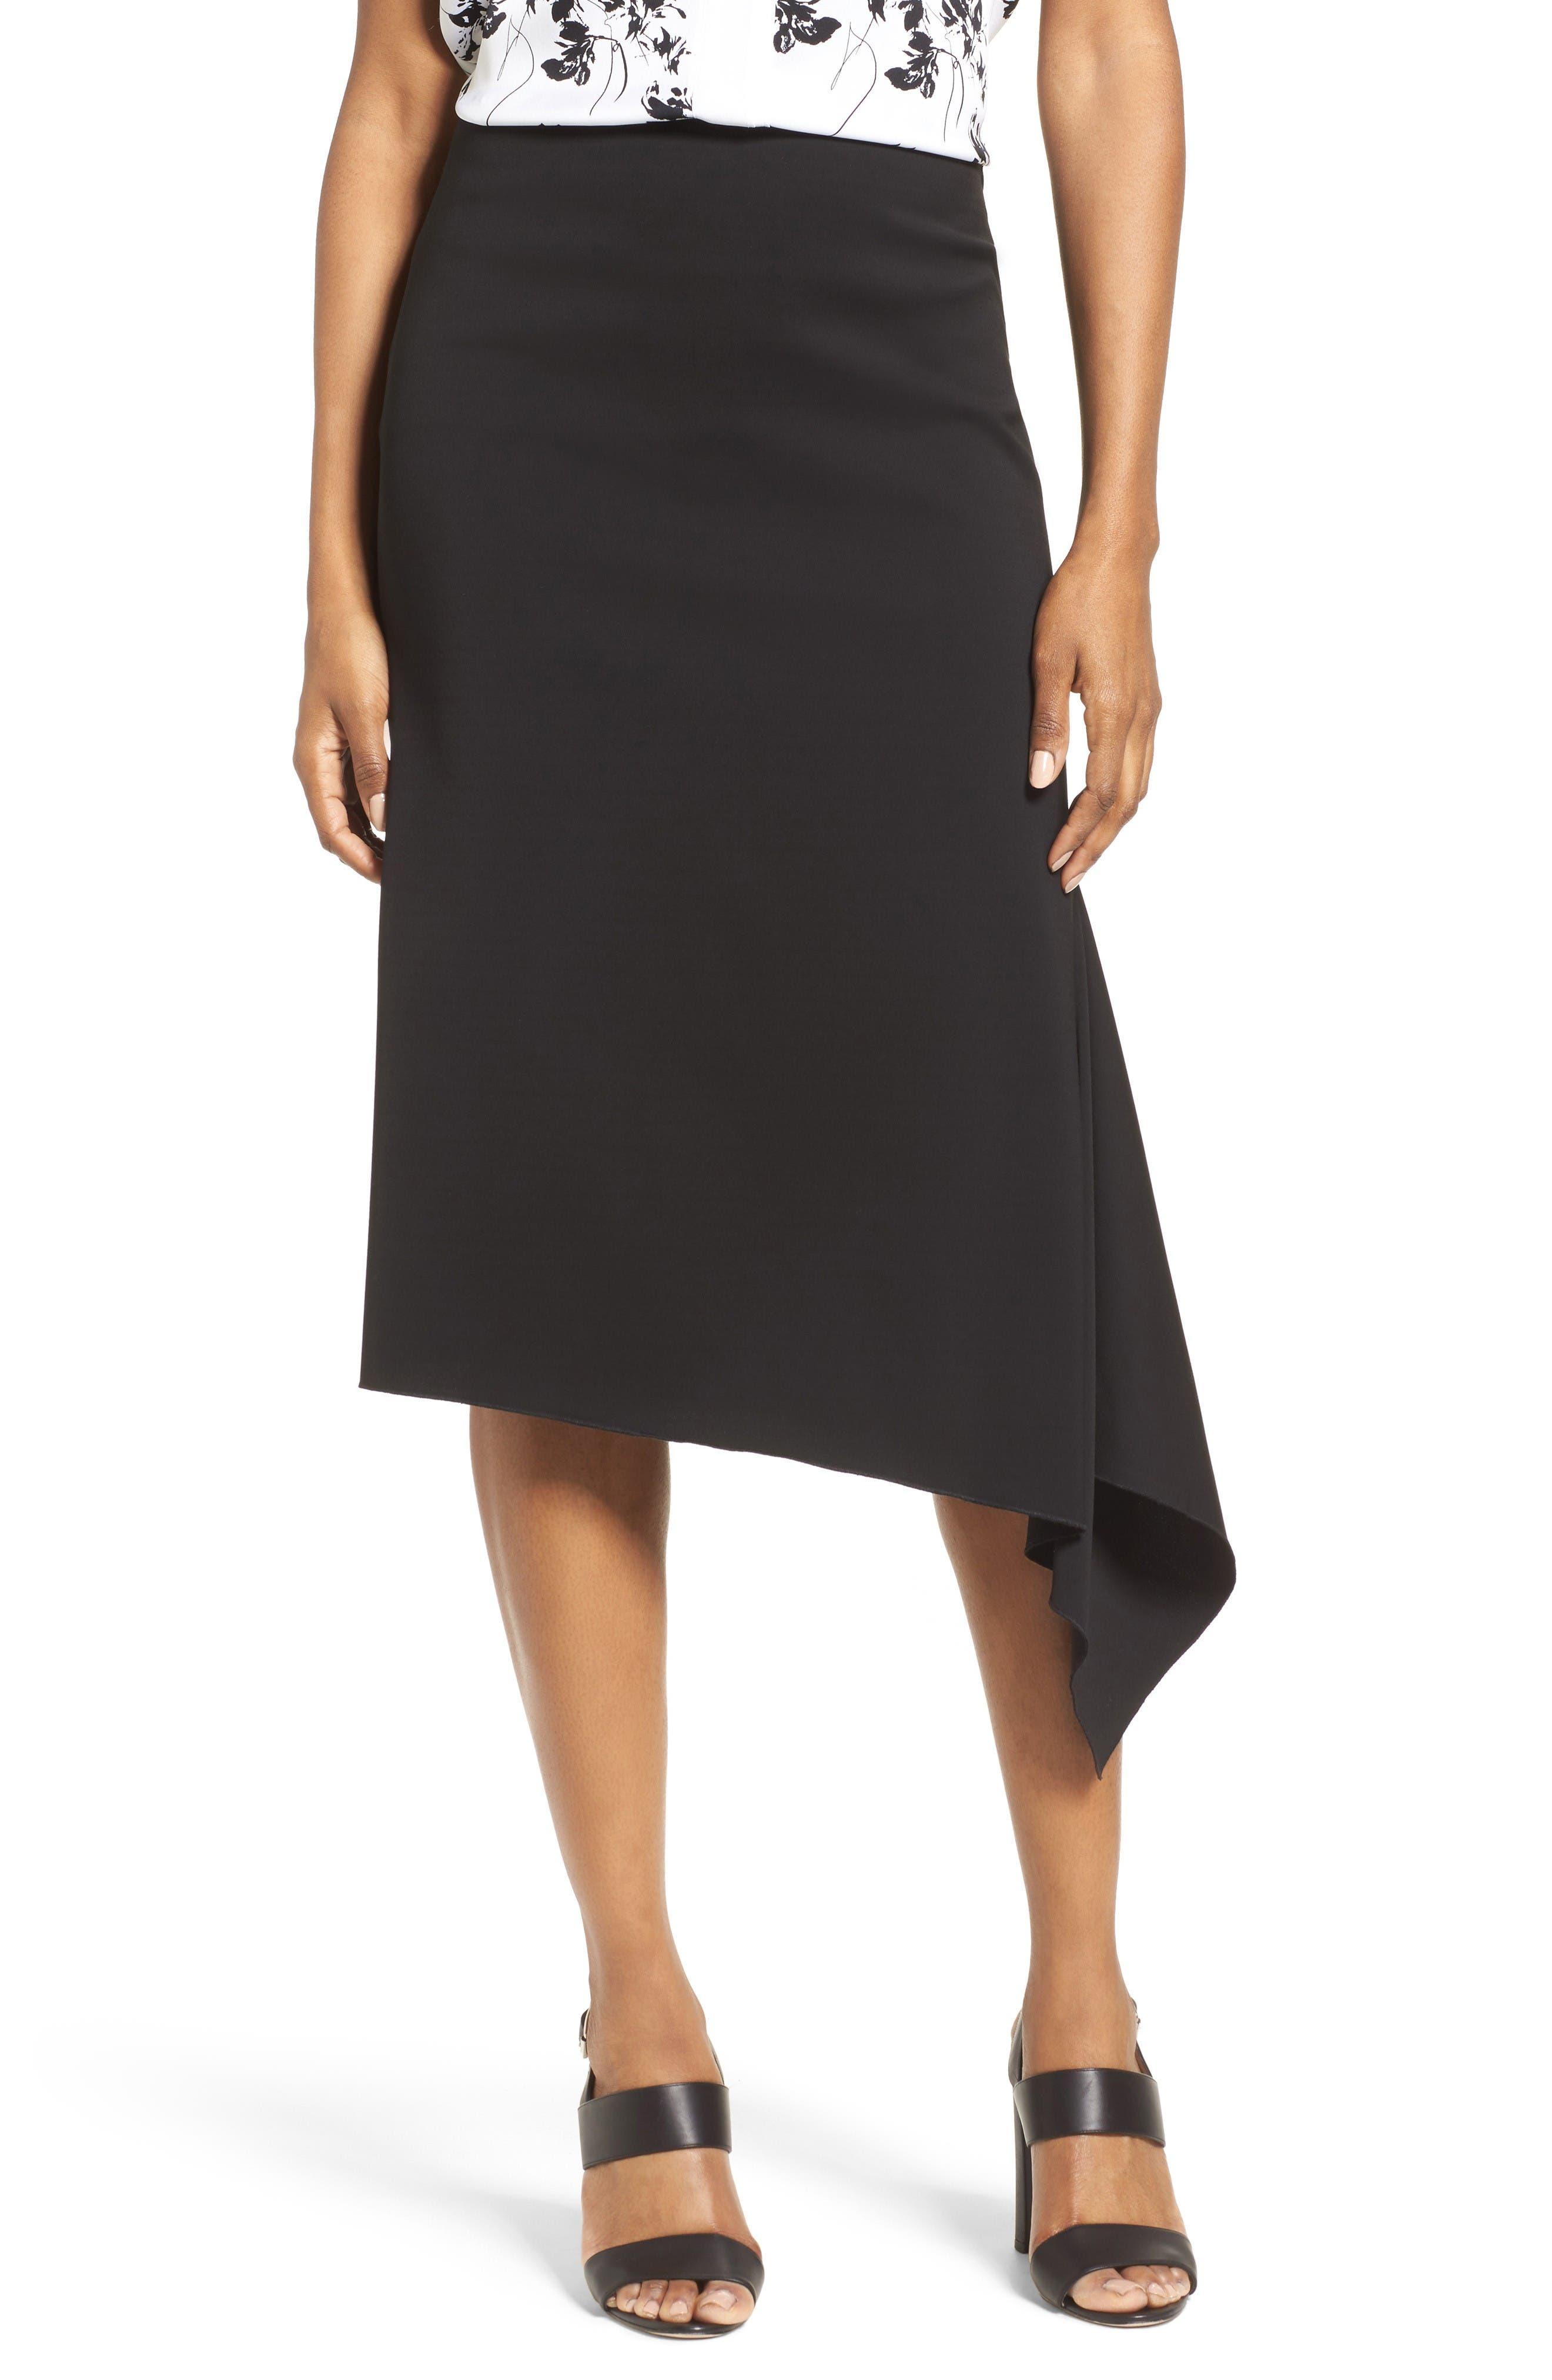 Classiques Entier® Side Drape A-Line Skirt